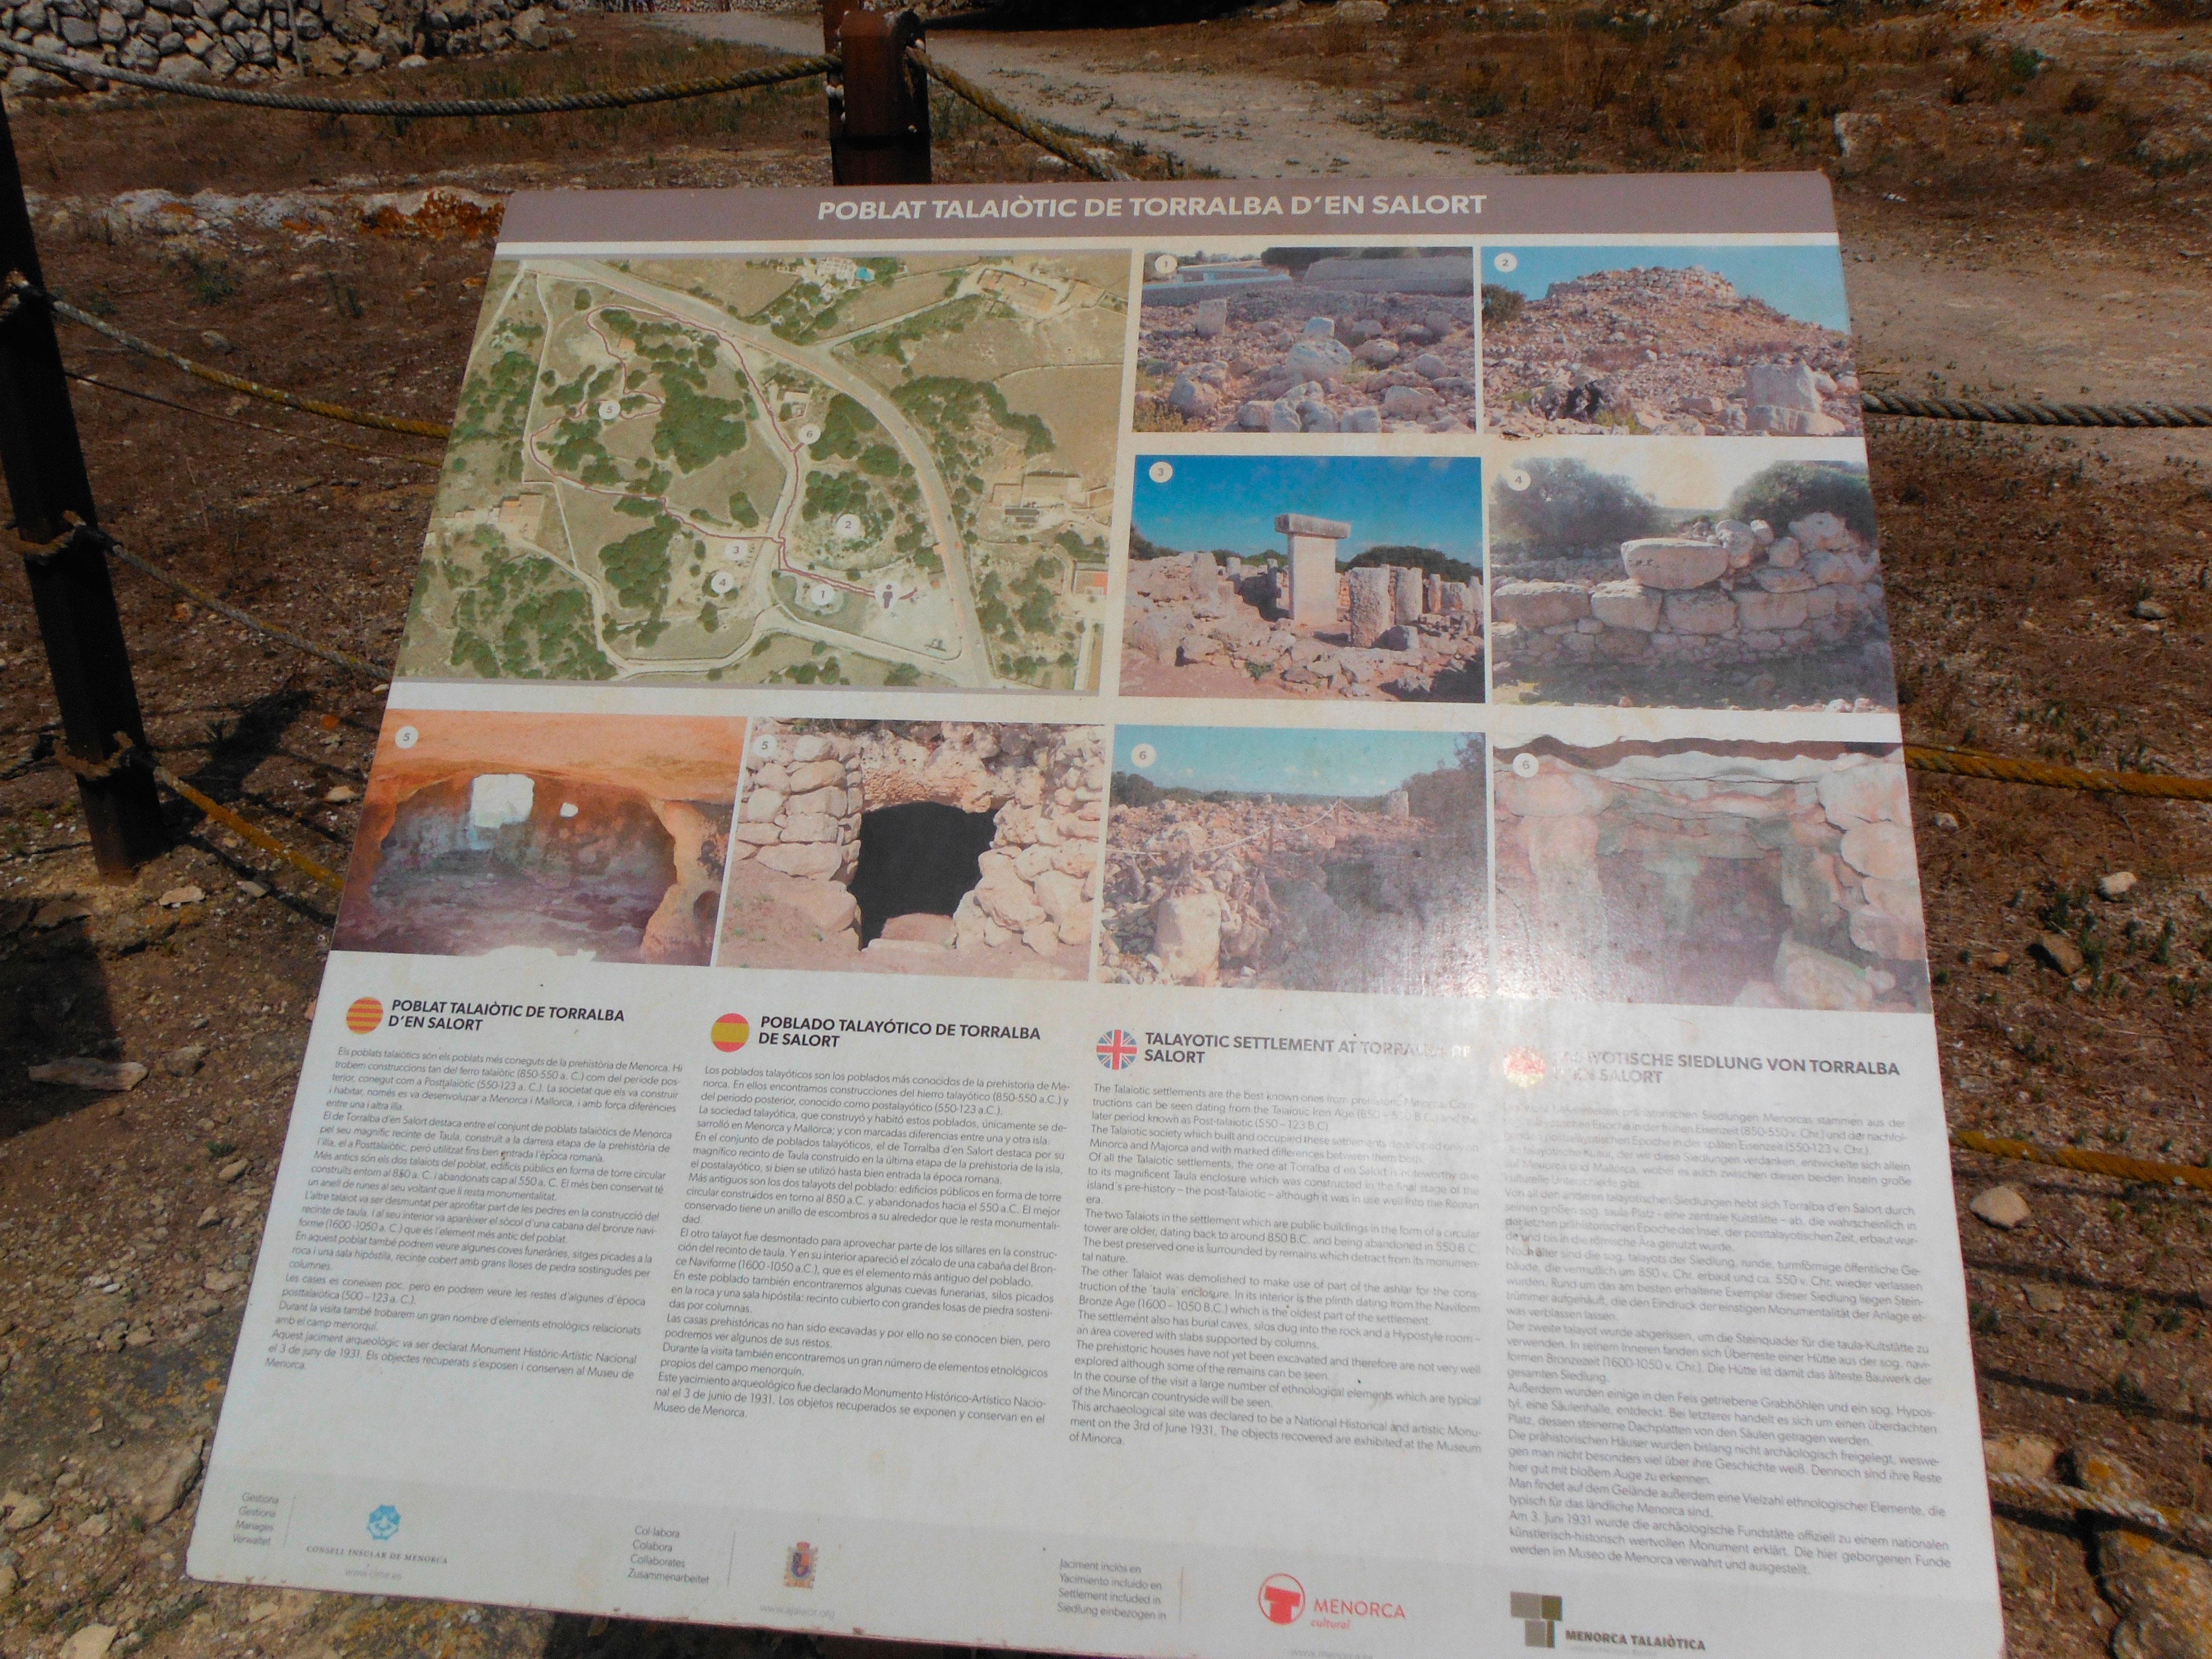 Panel informativo del Poblado talayótico de Torralba de Salort